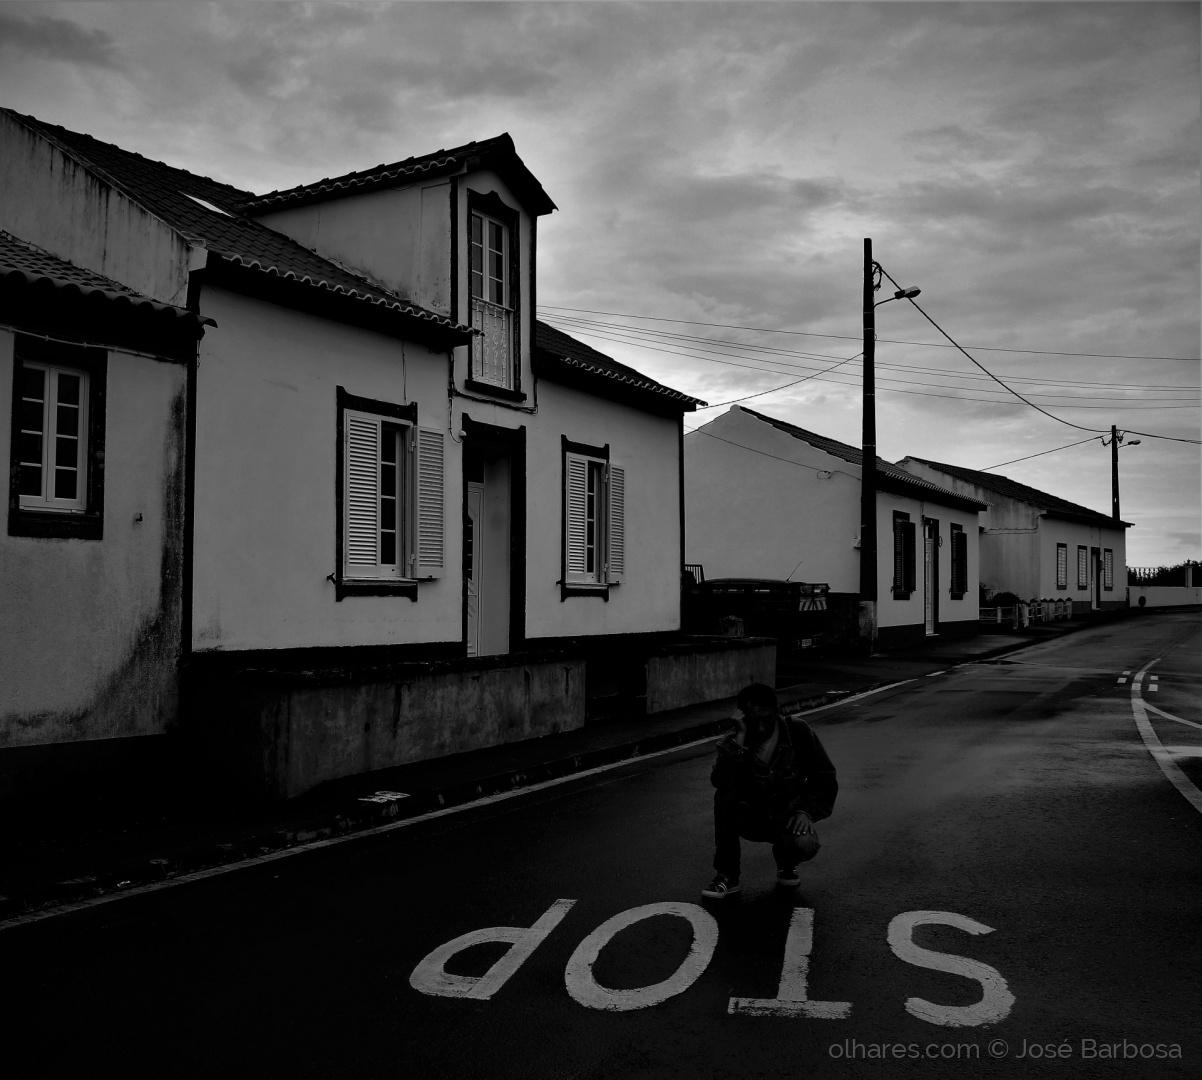 Fotografia de Rua/BROTHER ! Why don't you STOP ? (desc.)